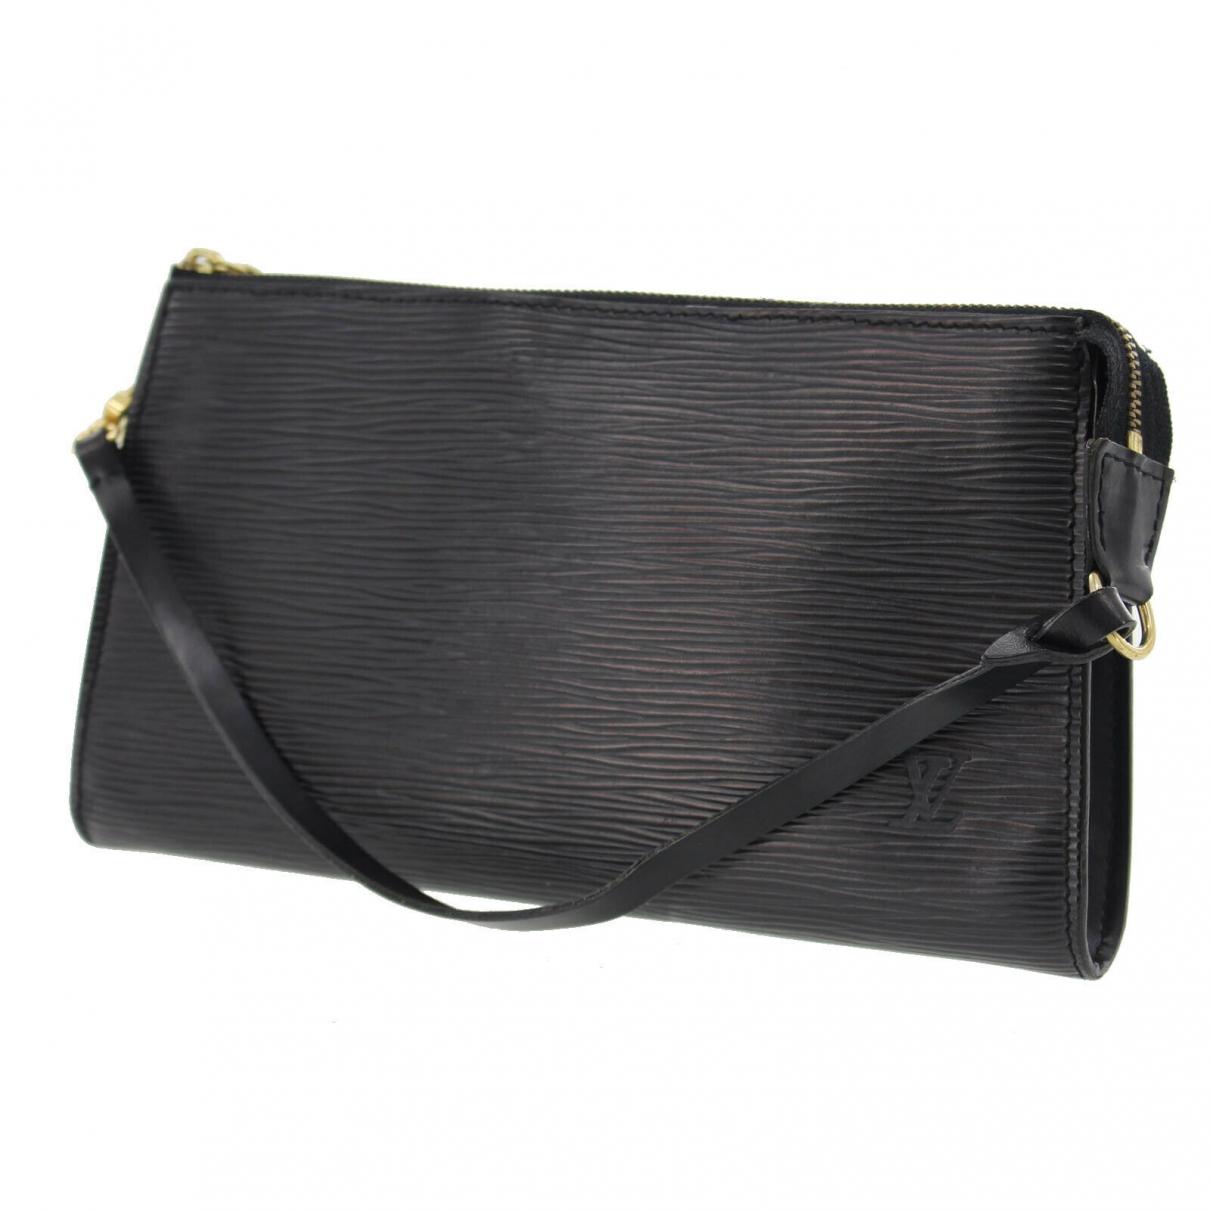 Louis Vuitton Pochette Accessoire Black Leather Clutch bag for Women \N